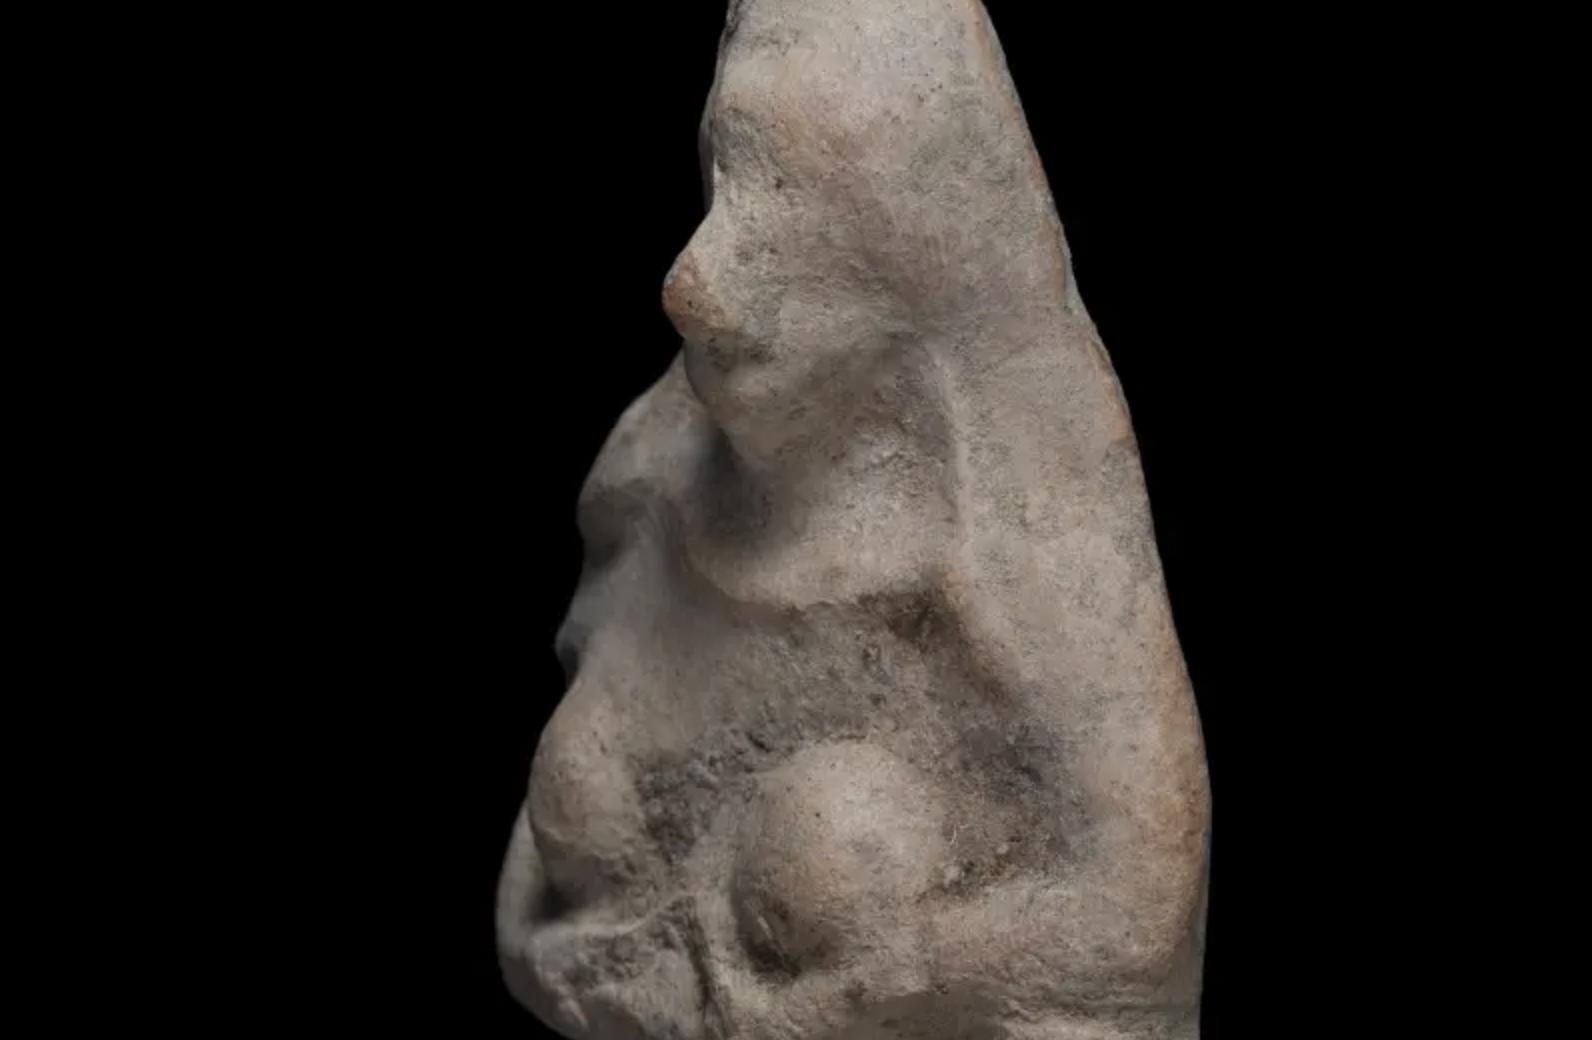 Criança descobre artefato que pertence ao período de exílio na Babilônia